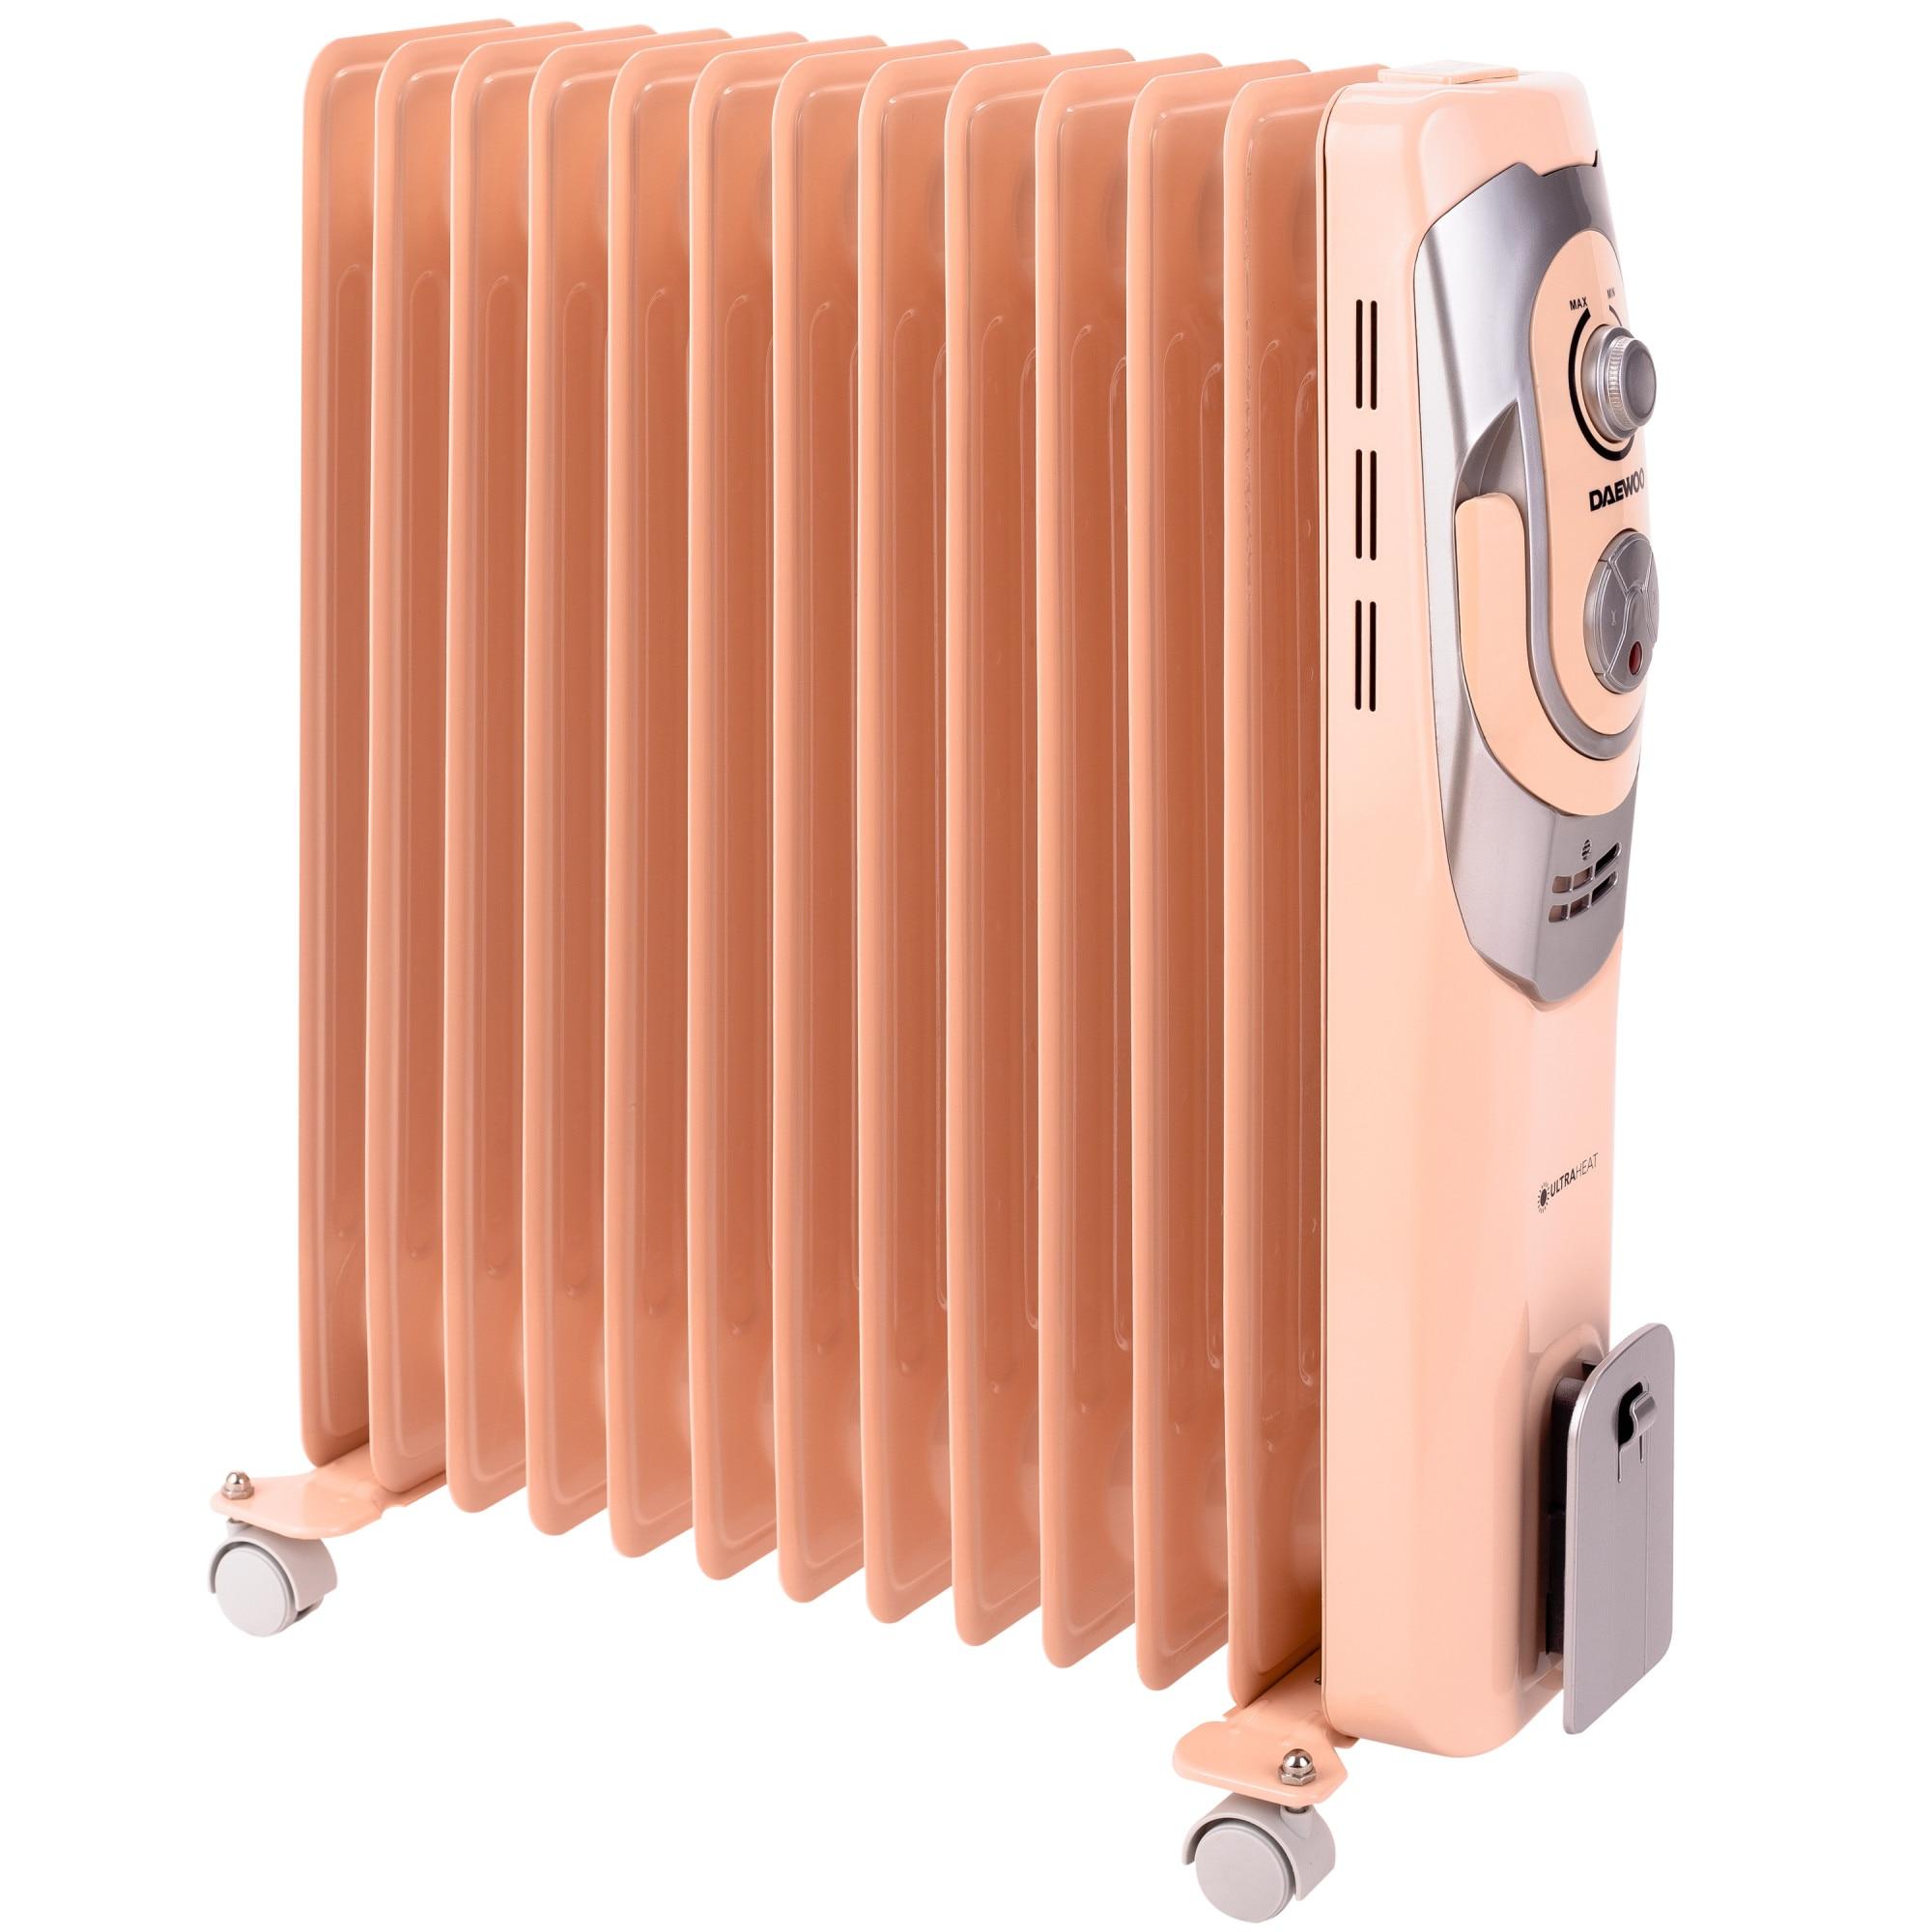 Fotografie Calorifer electric cu ulei Daewoo, 2500 W, 13 Elementi, 5 Canale de ulei, 3 Nivele de putere, Termostat reglabil, Protectie supraincalzire, Indicator luminos, Crem